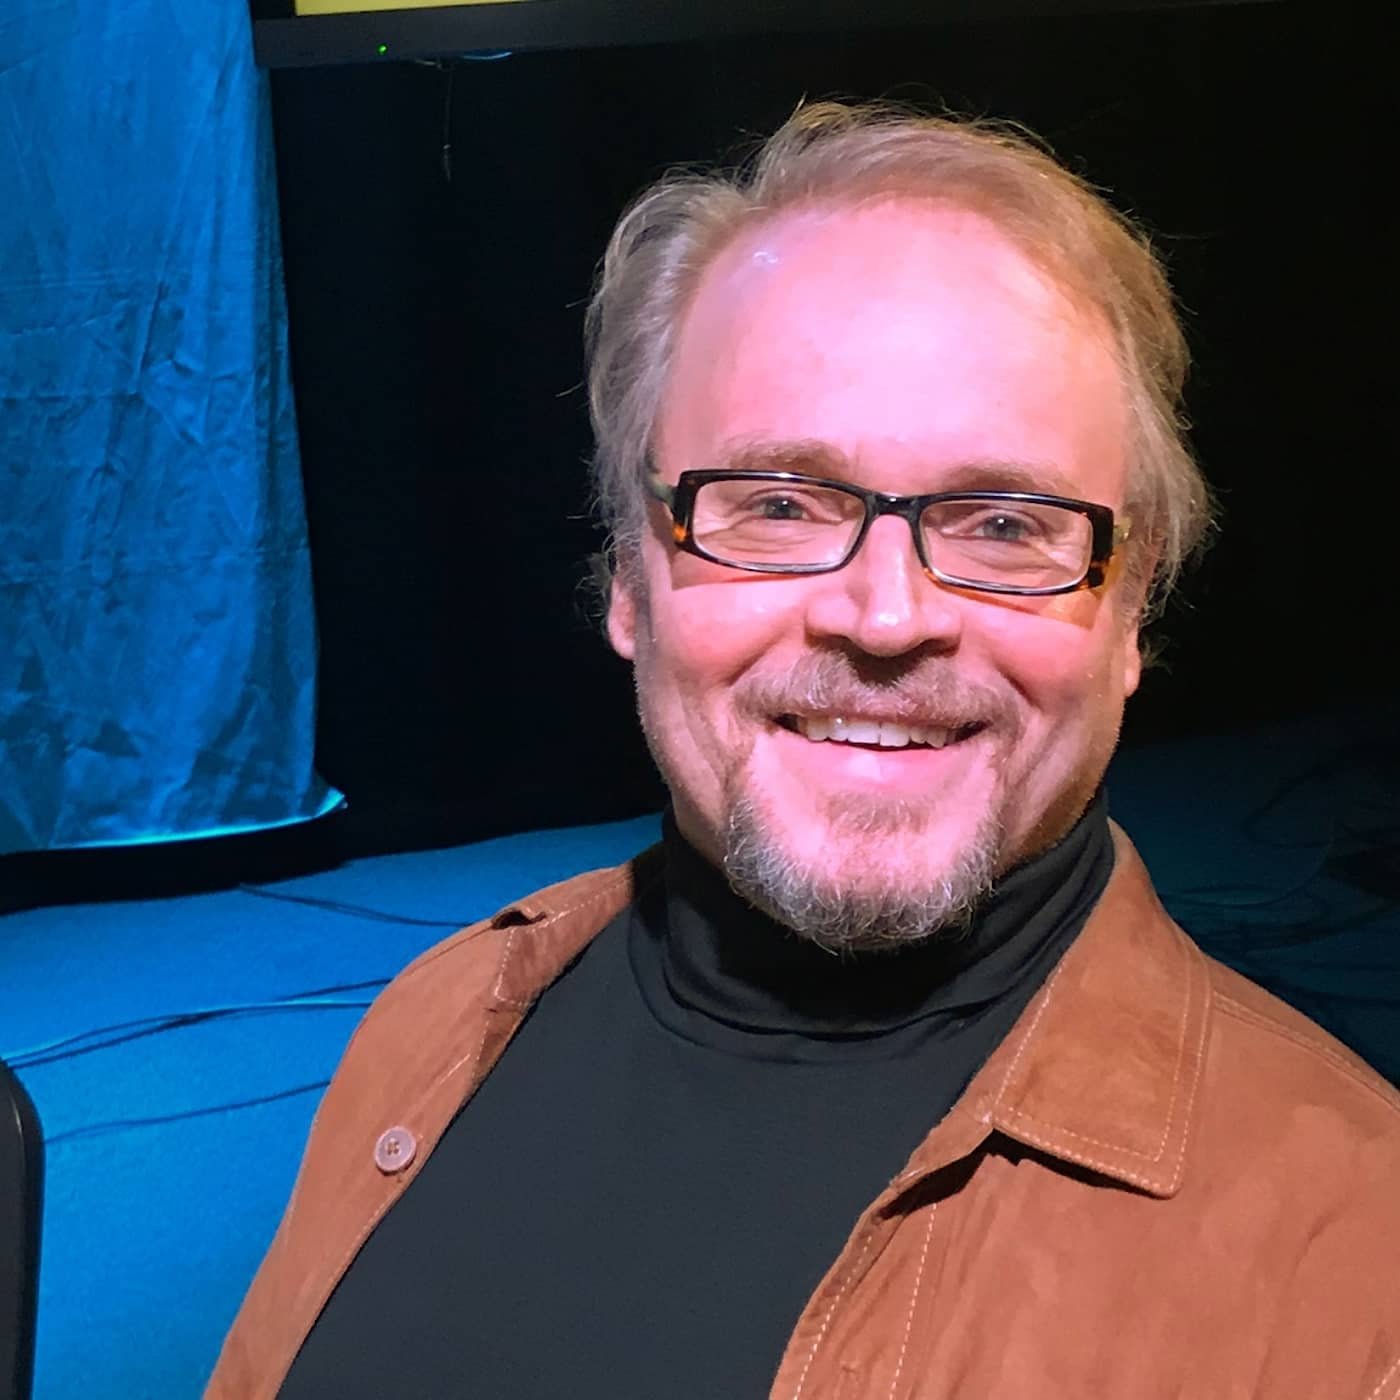 Fredrik Lindström är auktionsförrättare i Säffle